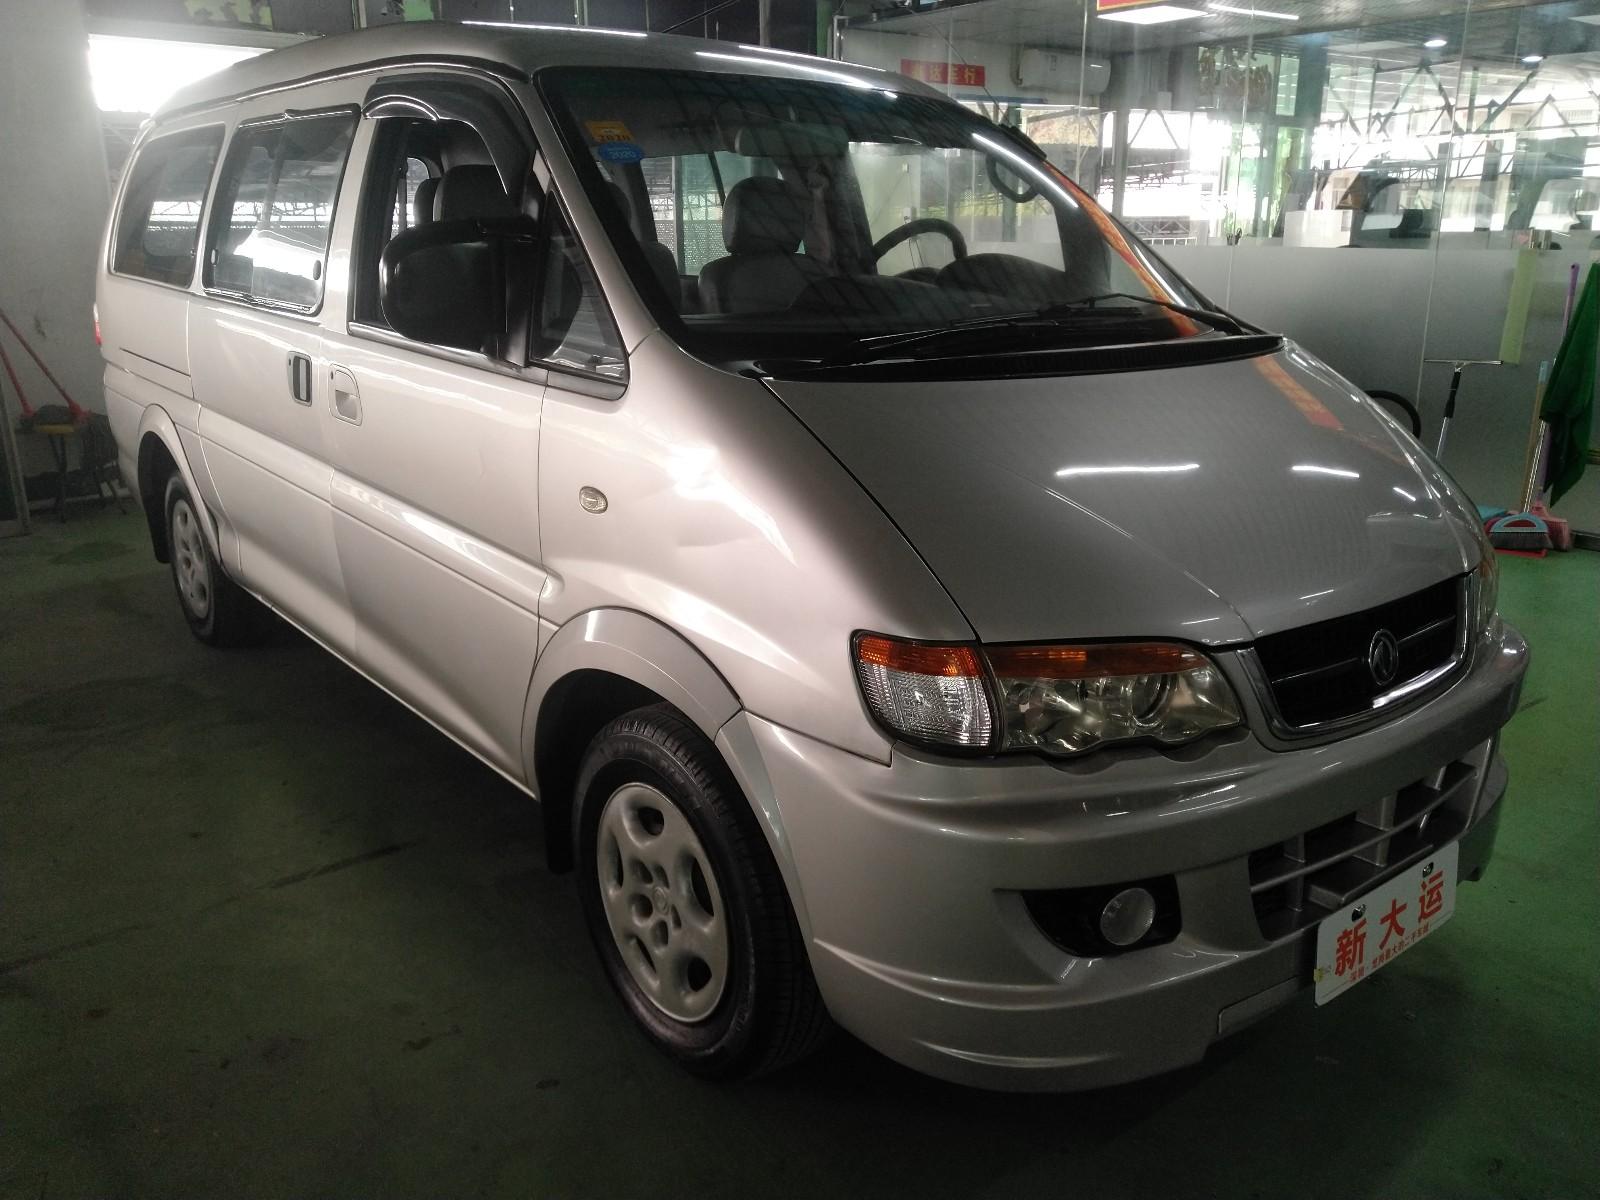 东风风行 菱智 2008款 Q3 2.0L MT长轴舒适版